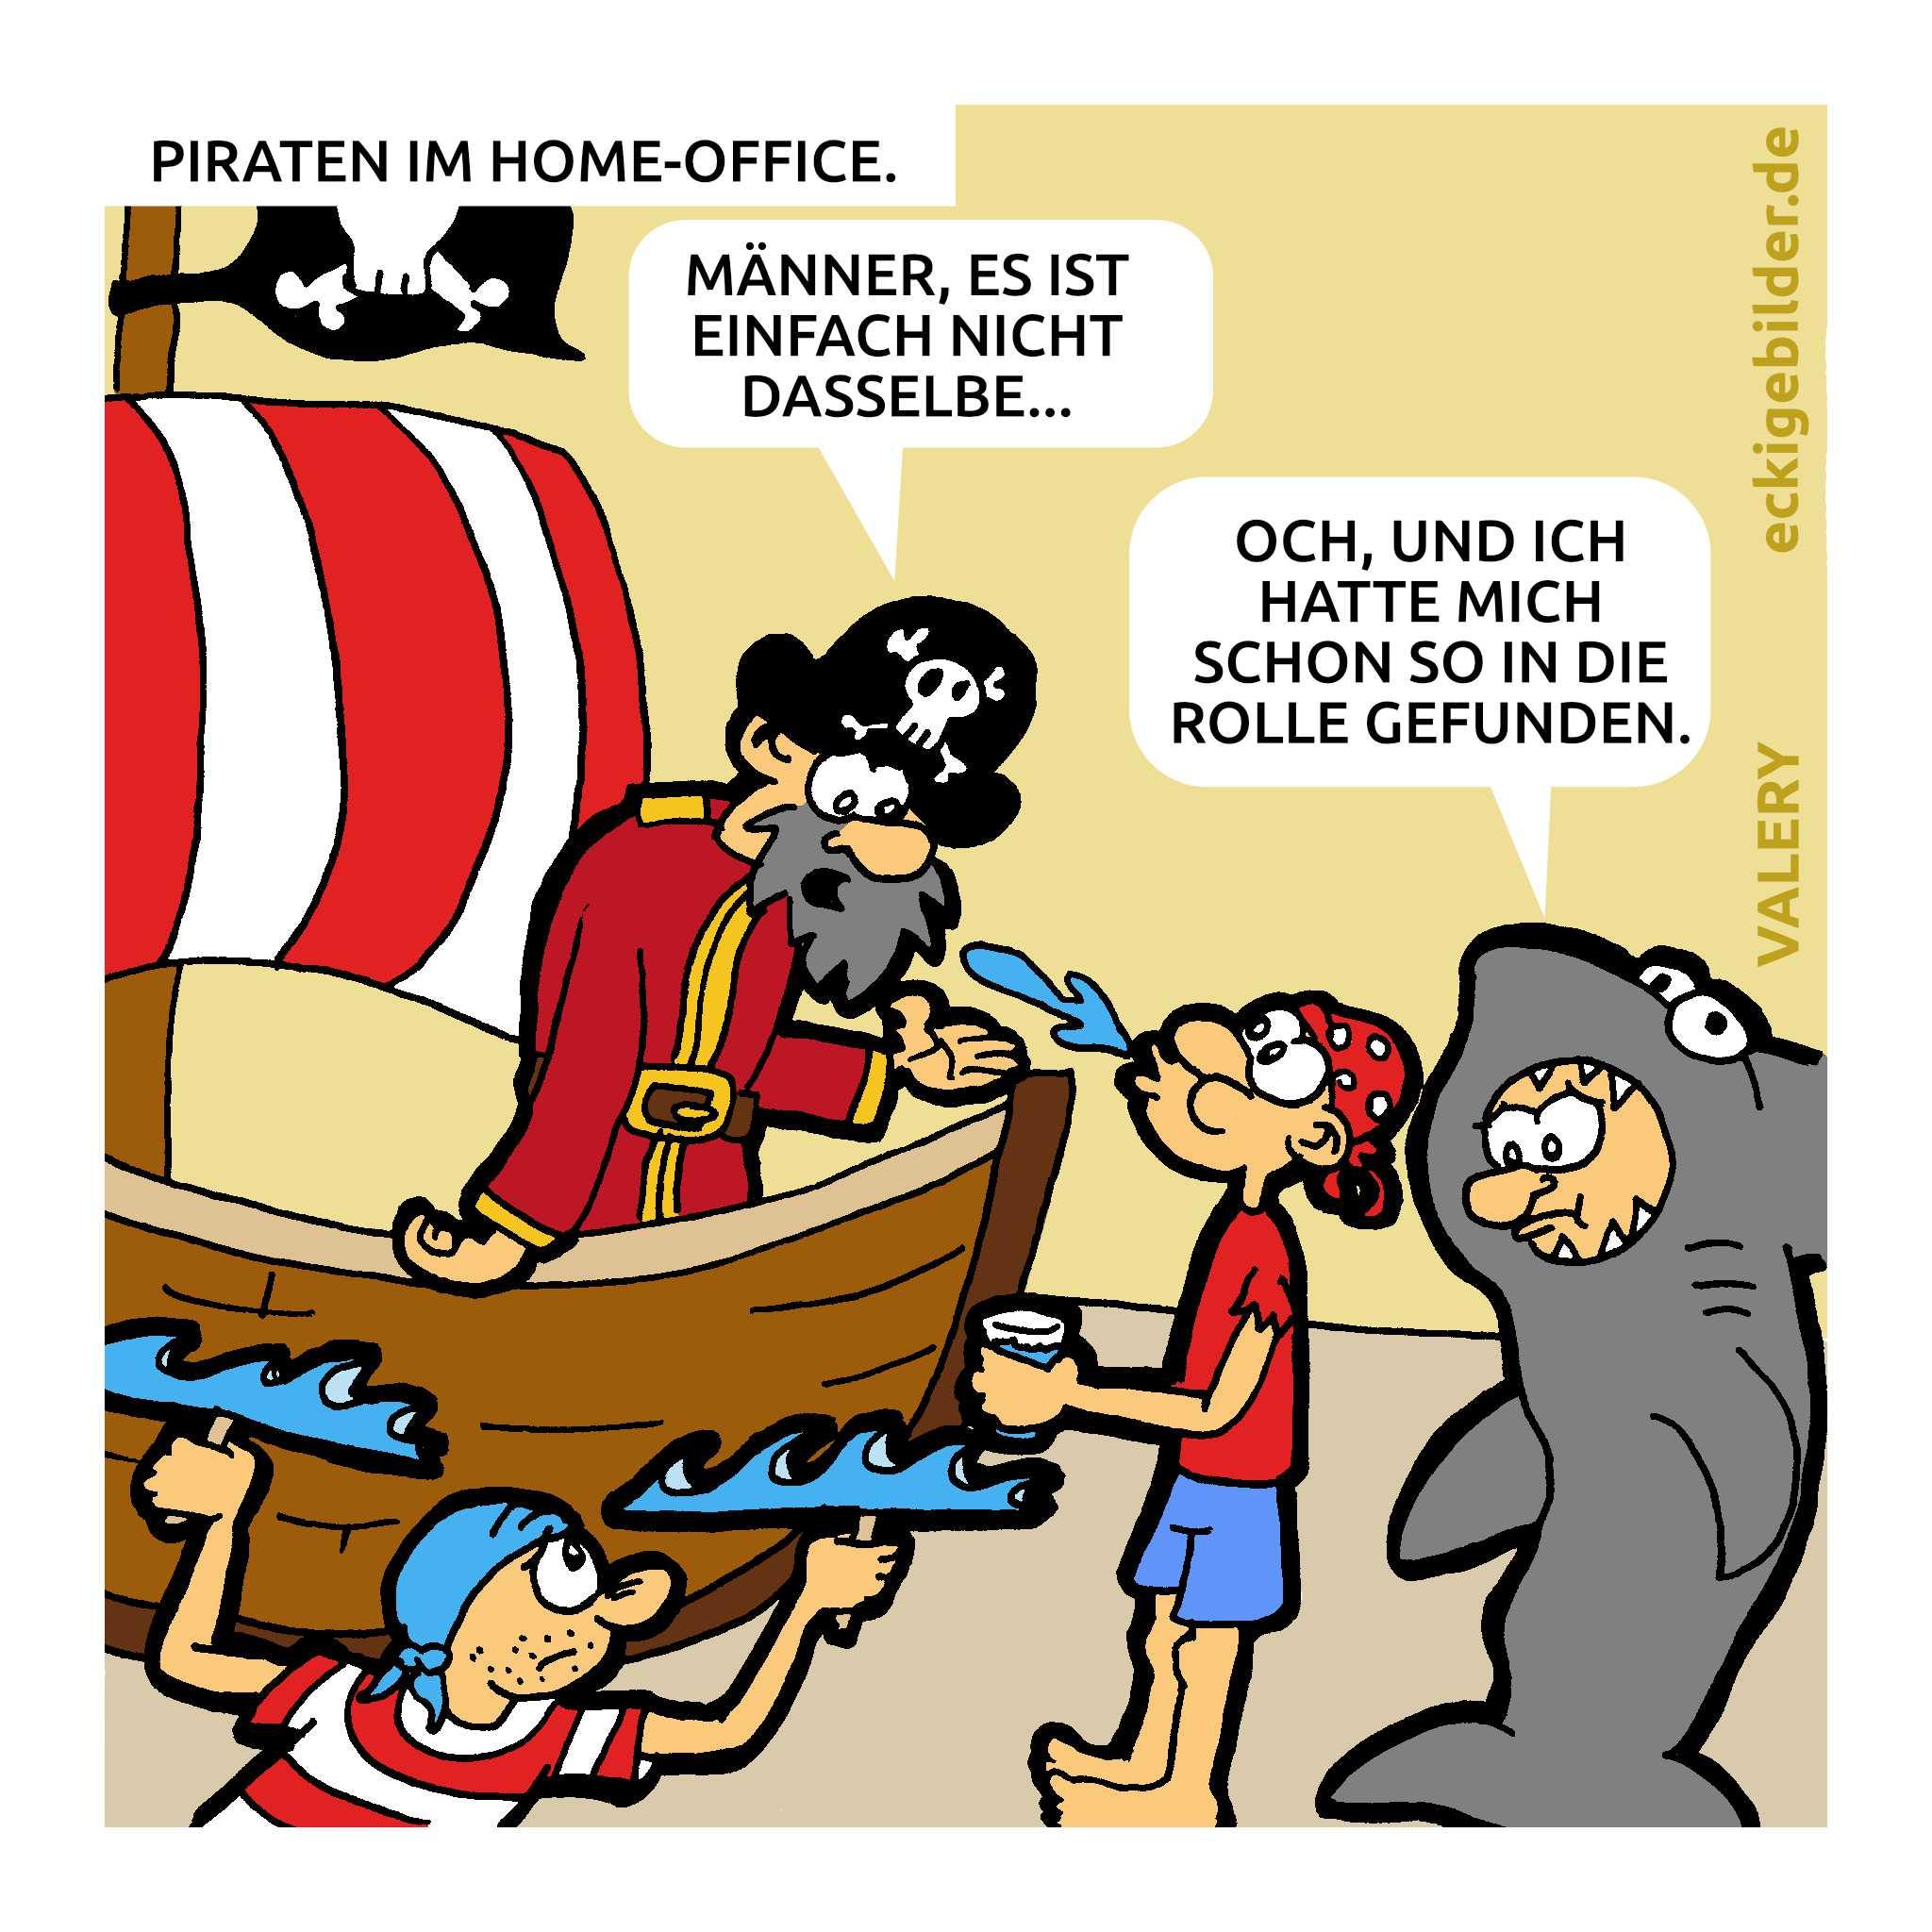 Piraten Home-Office Cartoon